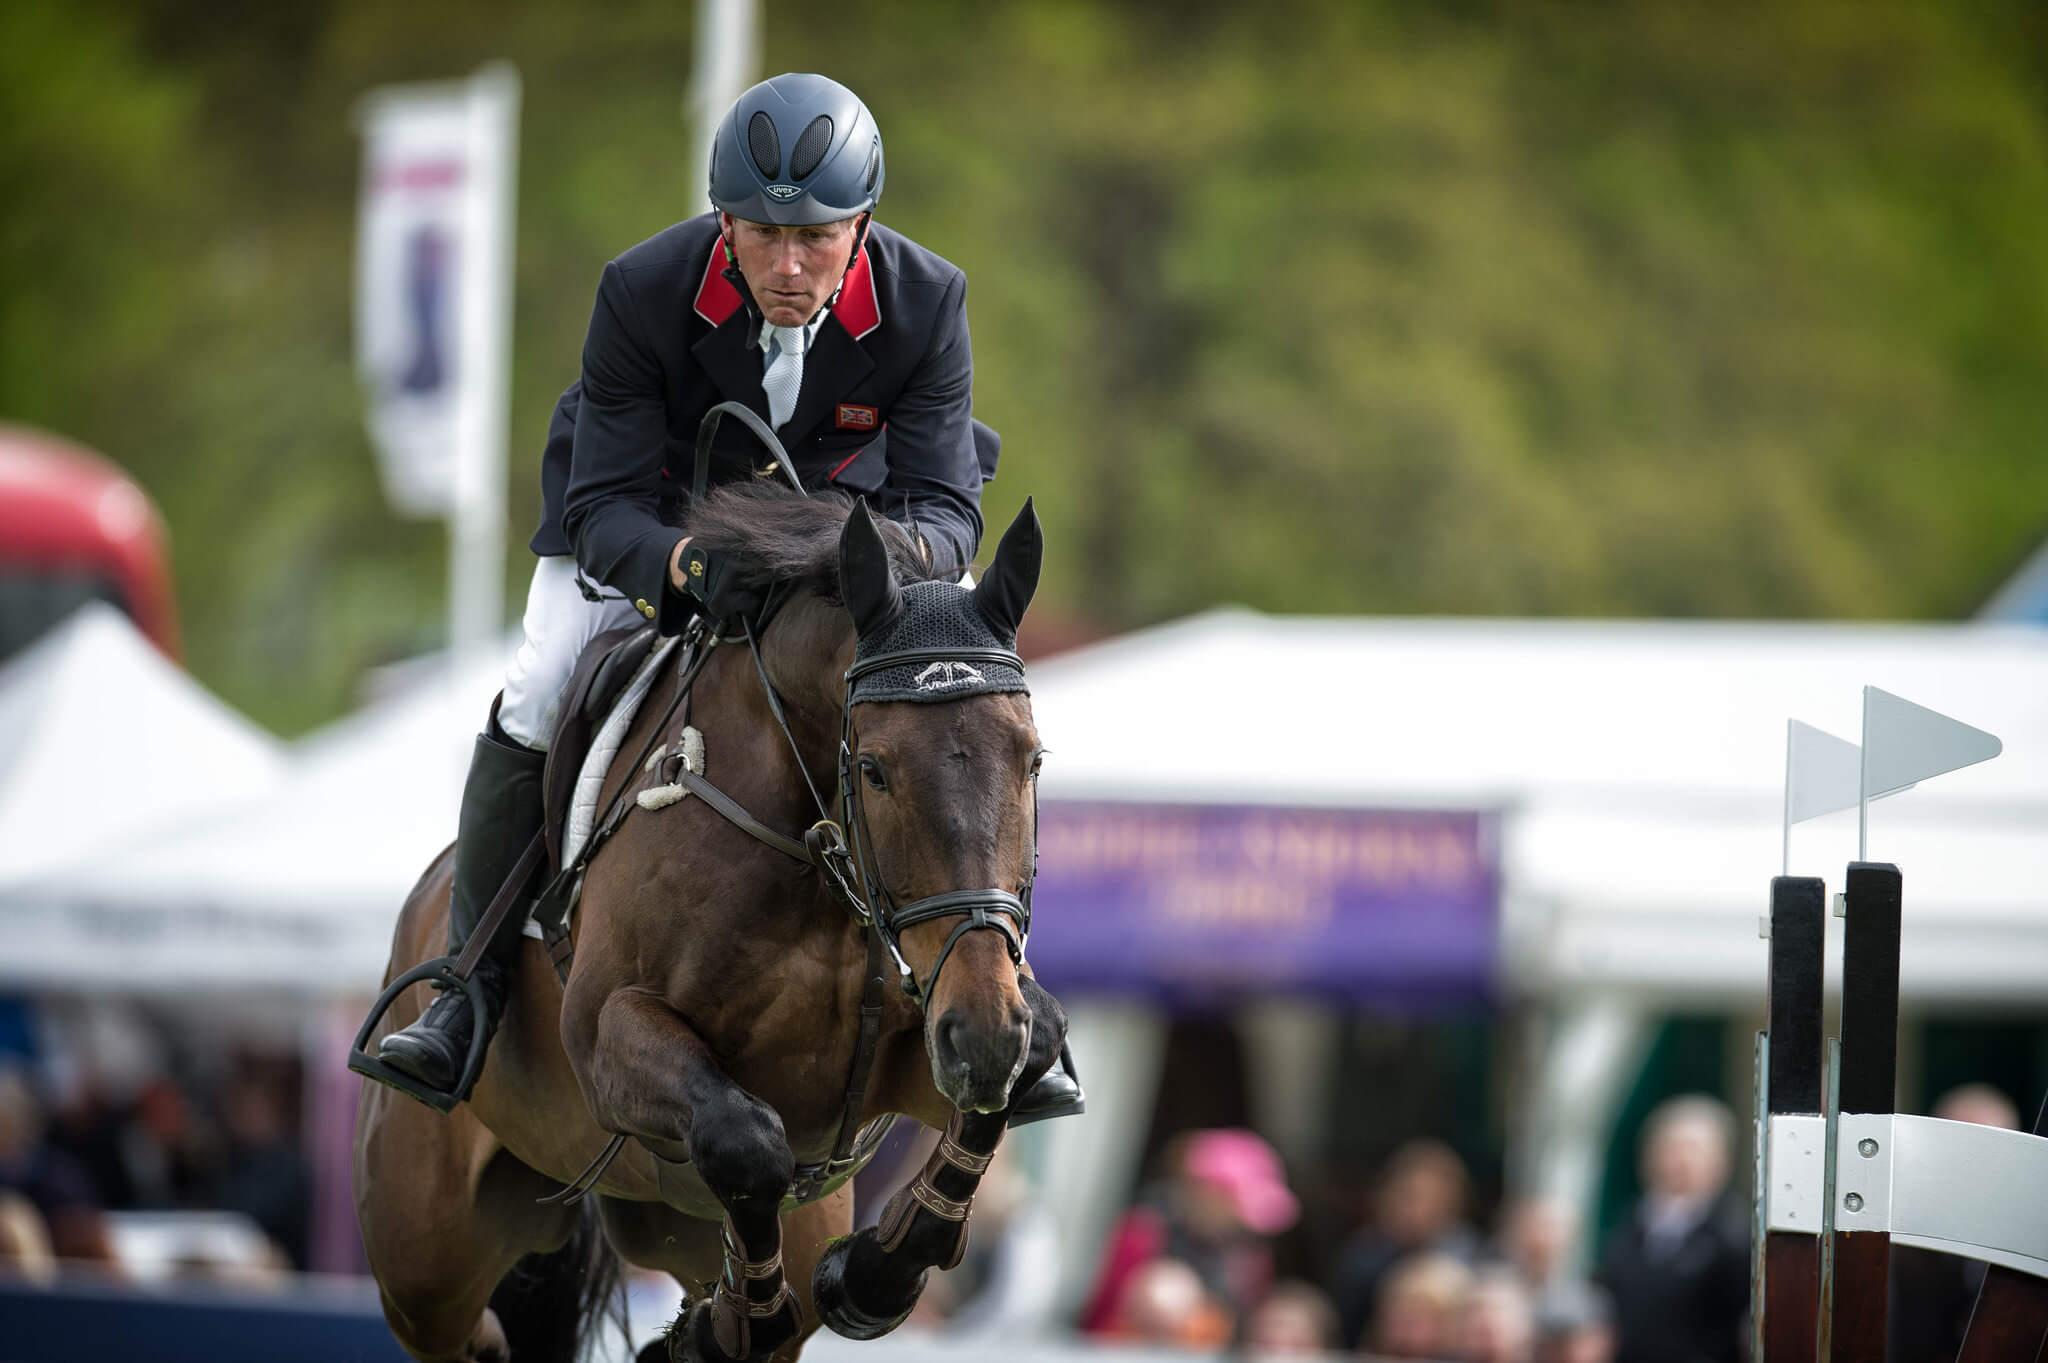 Determinacja i ambicja dobry jeździec